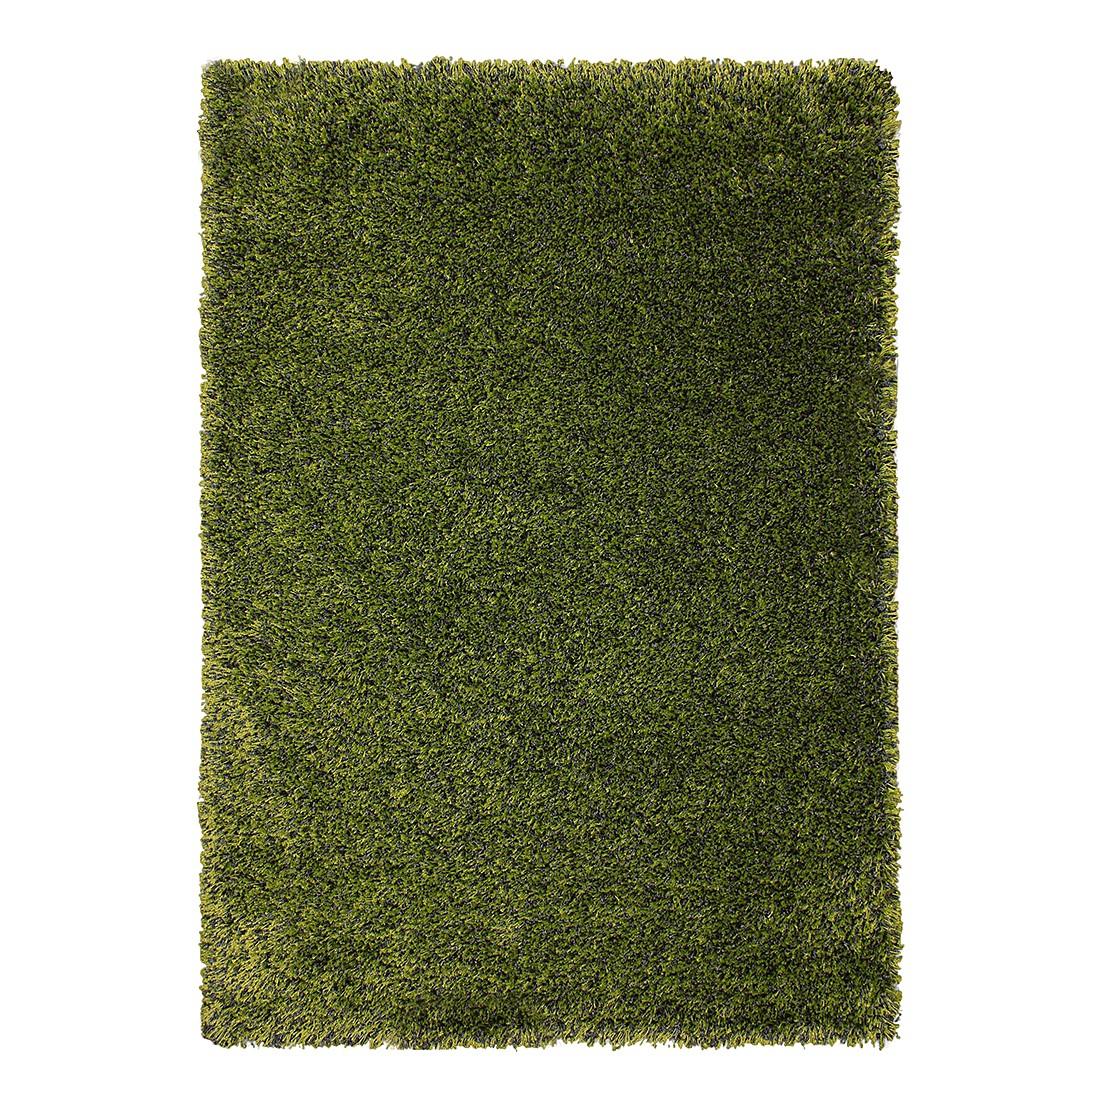 Hochflorteppich Poesia – Grün – 133 x 190 cm, benuta jetzt kaufen